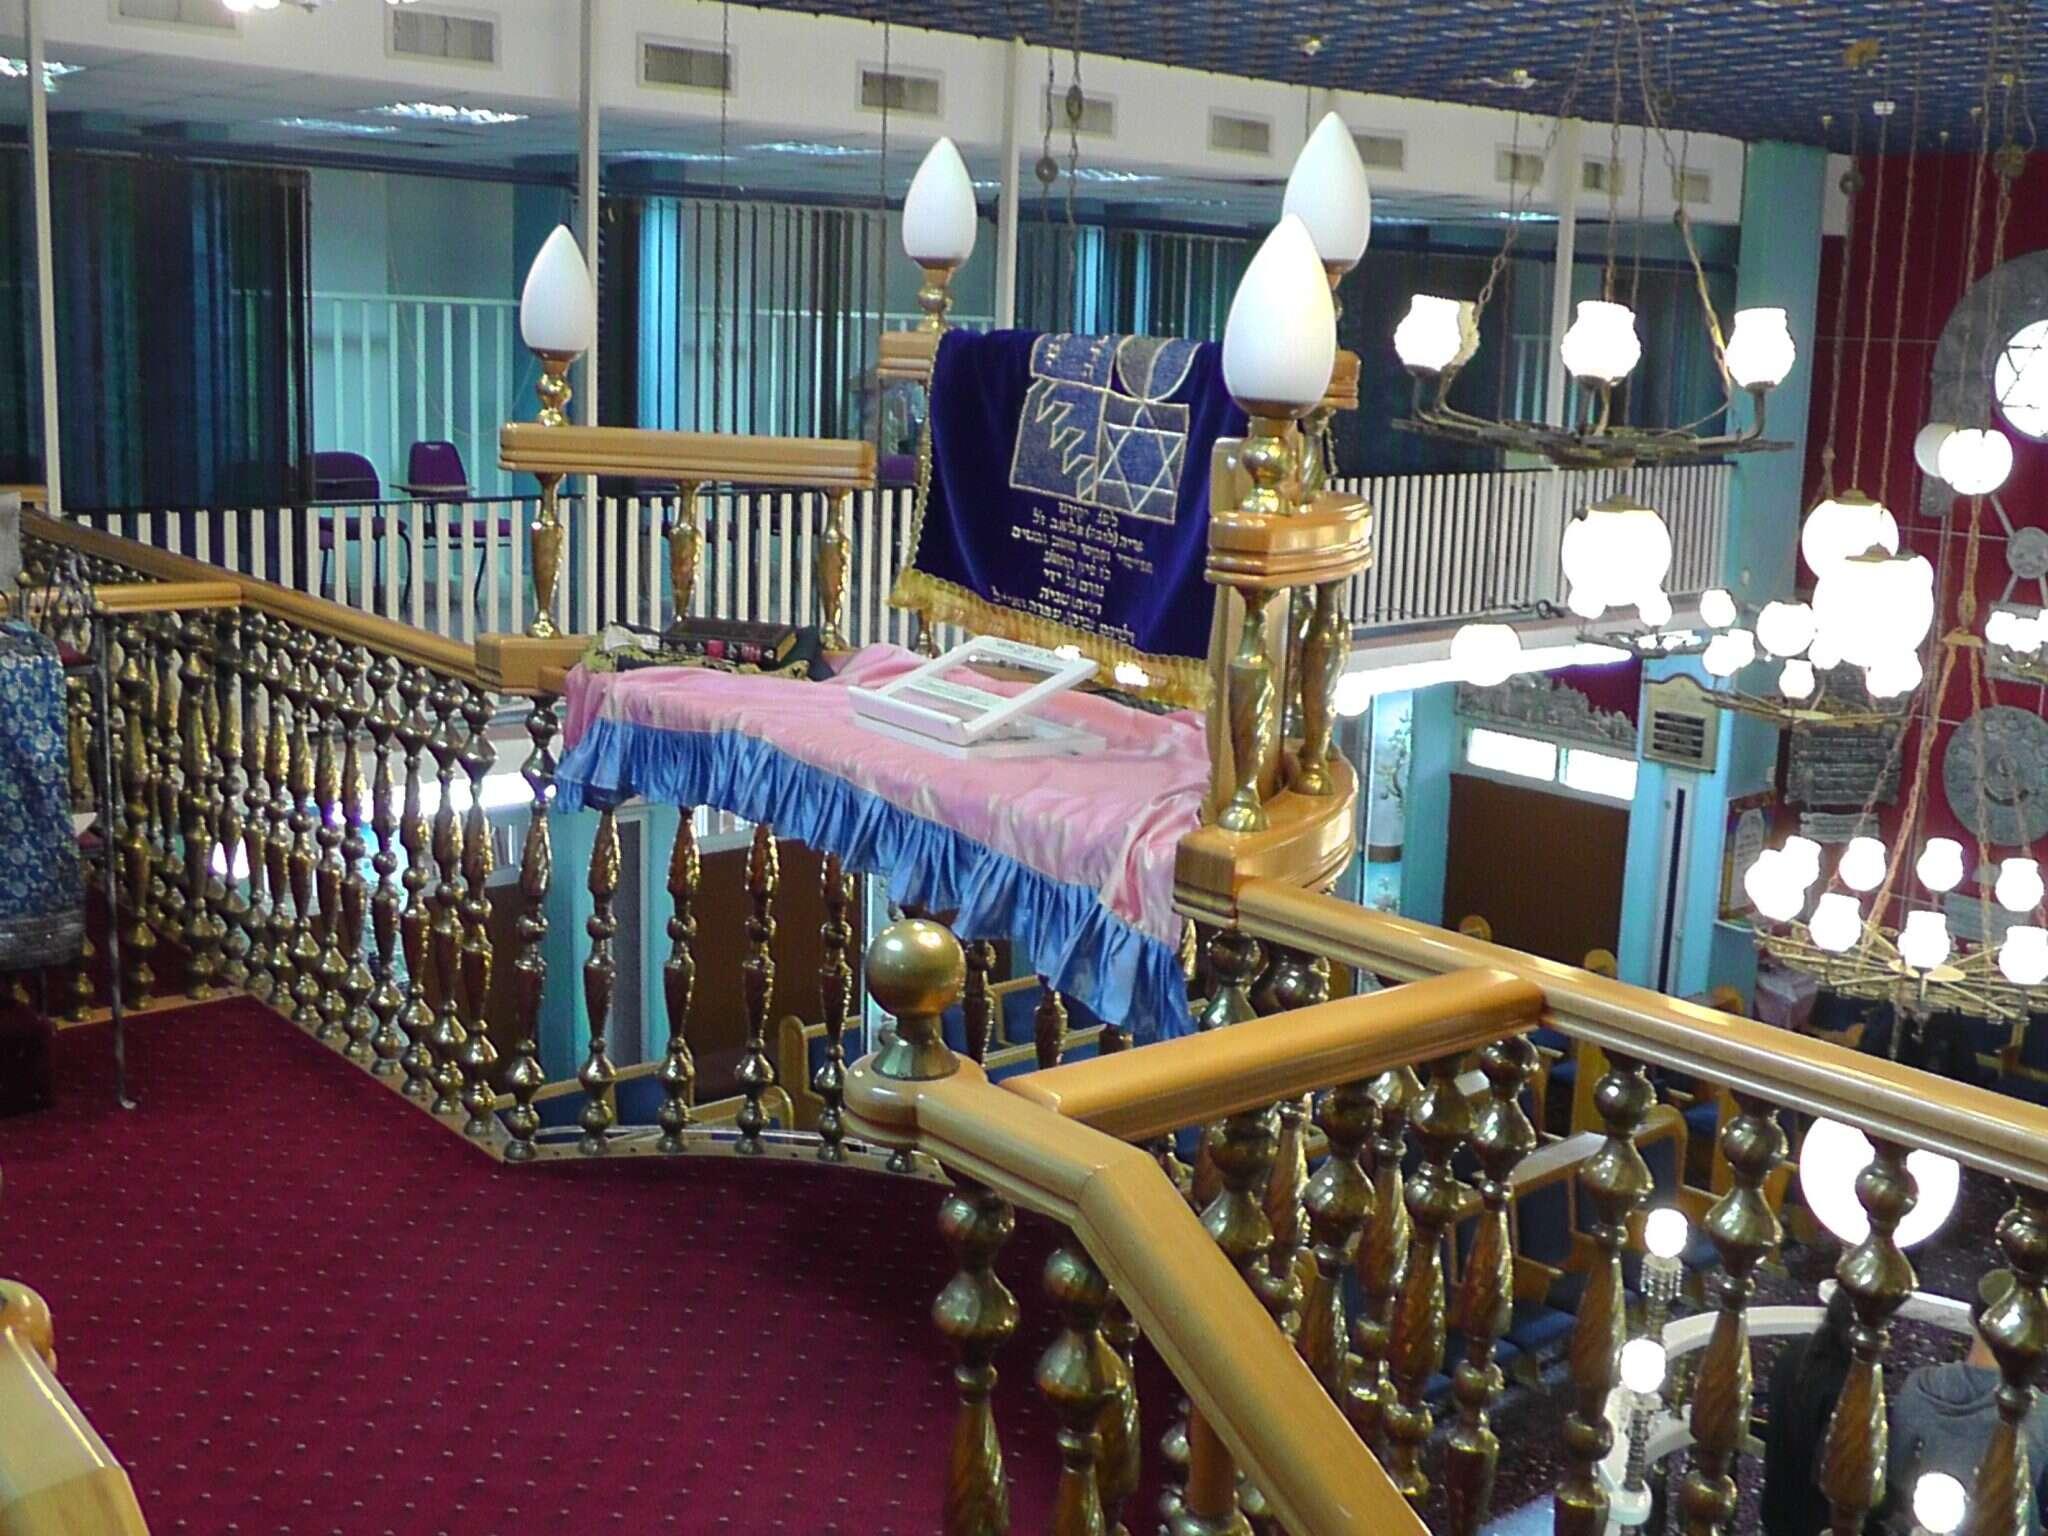 צילום: מירה אליה, מרכז מורשת יהדות קוצ'ין